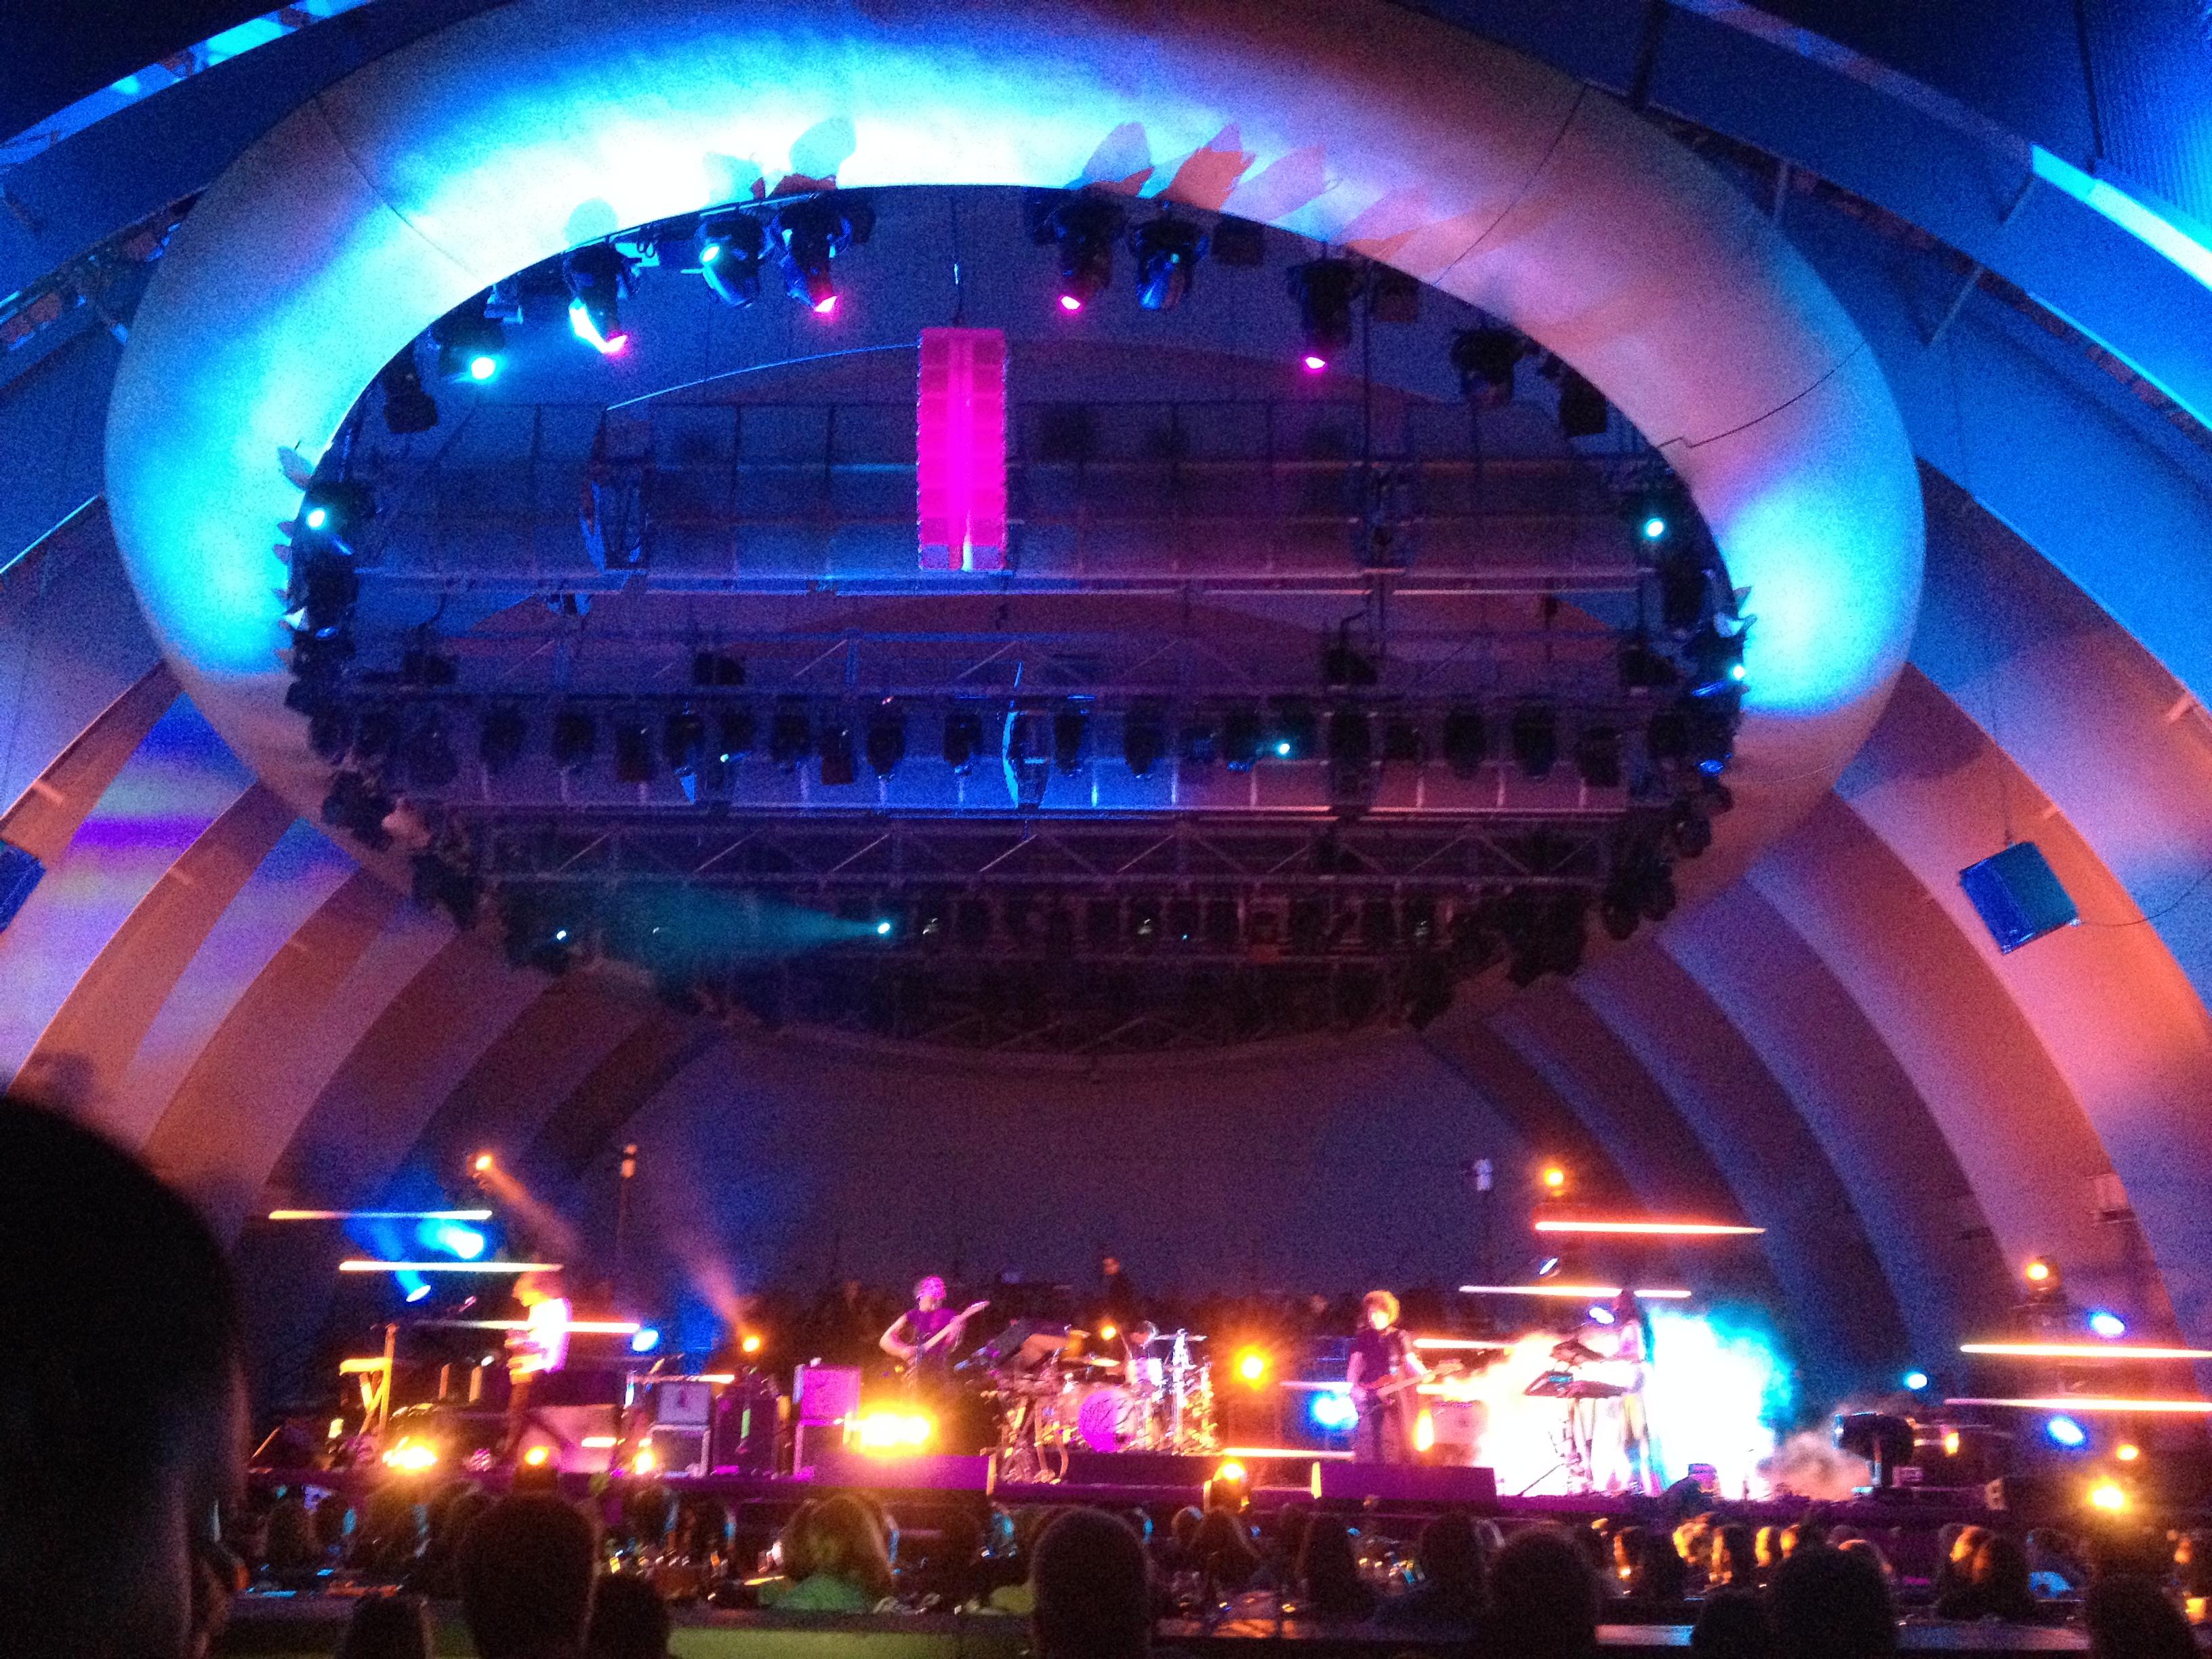 Qué gran concierto